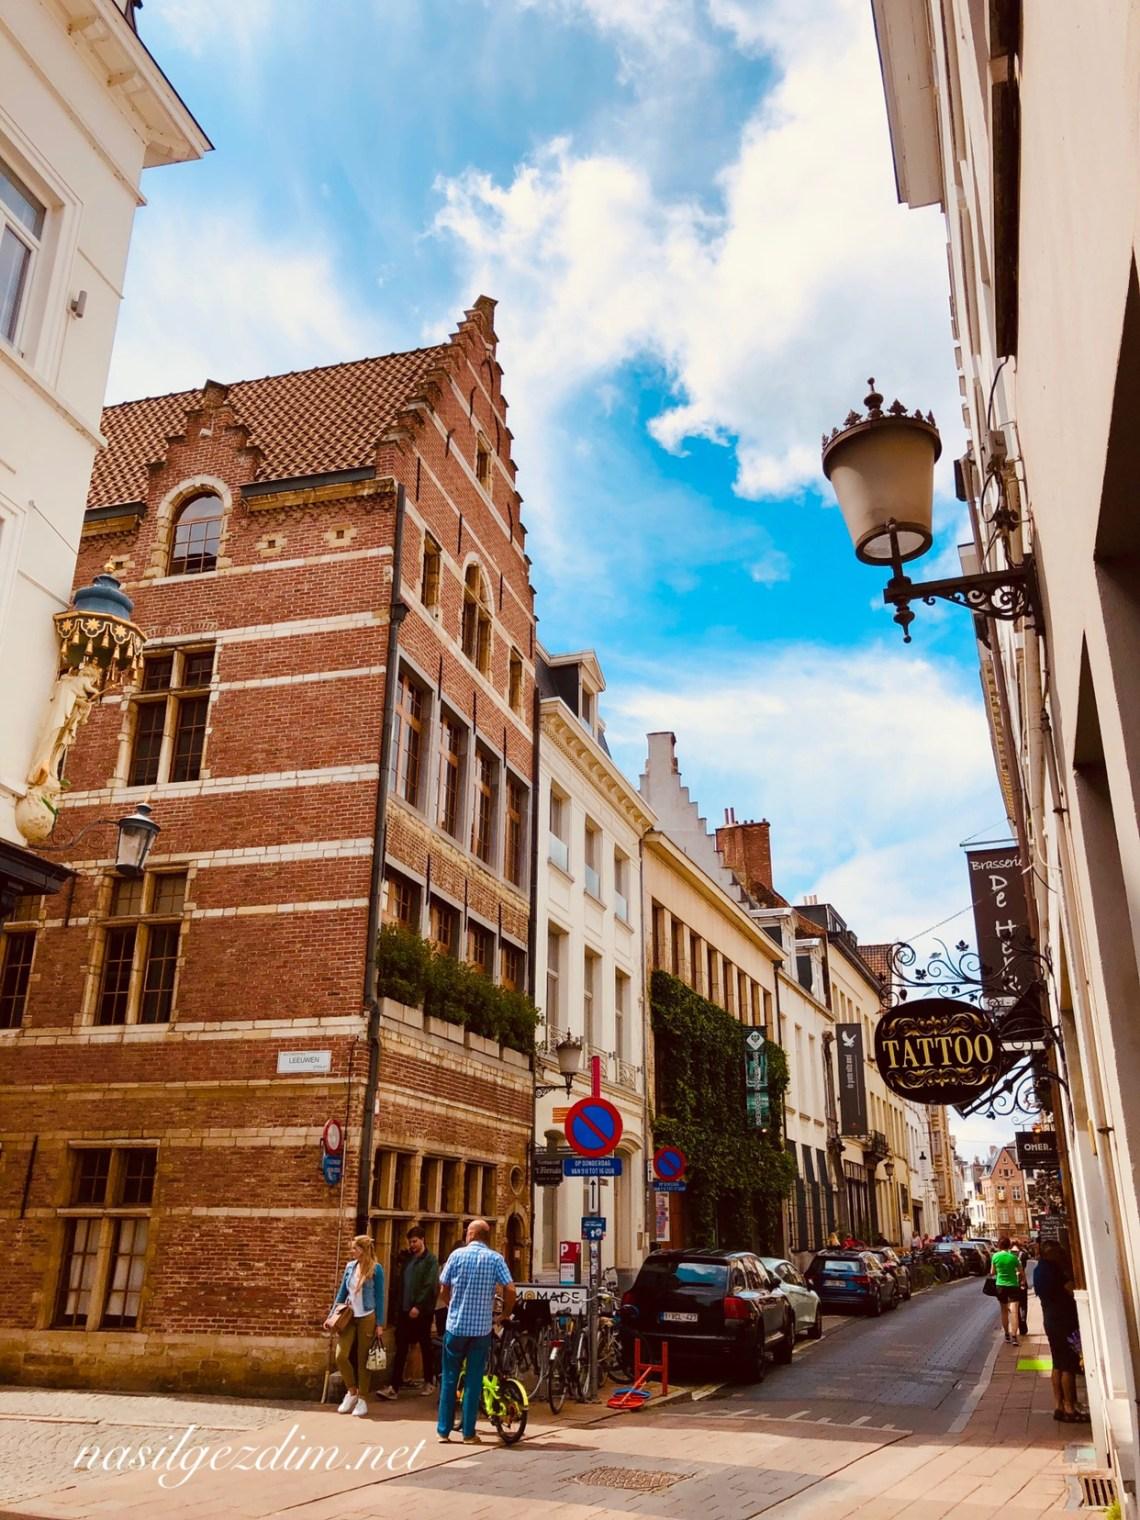 Antwerp Sokakları, antwerp gezi rehberi, antwerp mural, antwerp gezilecek yerler